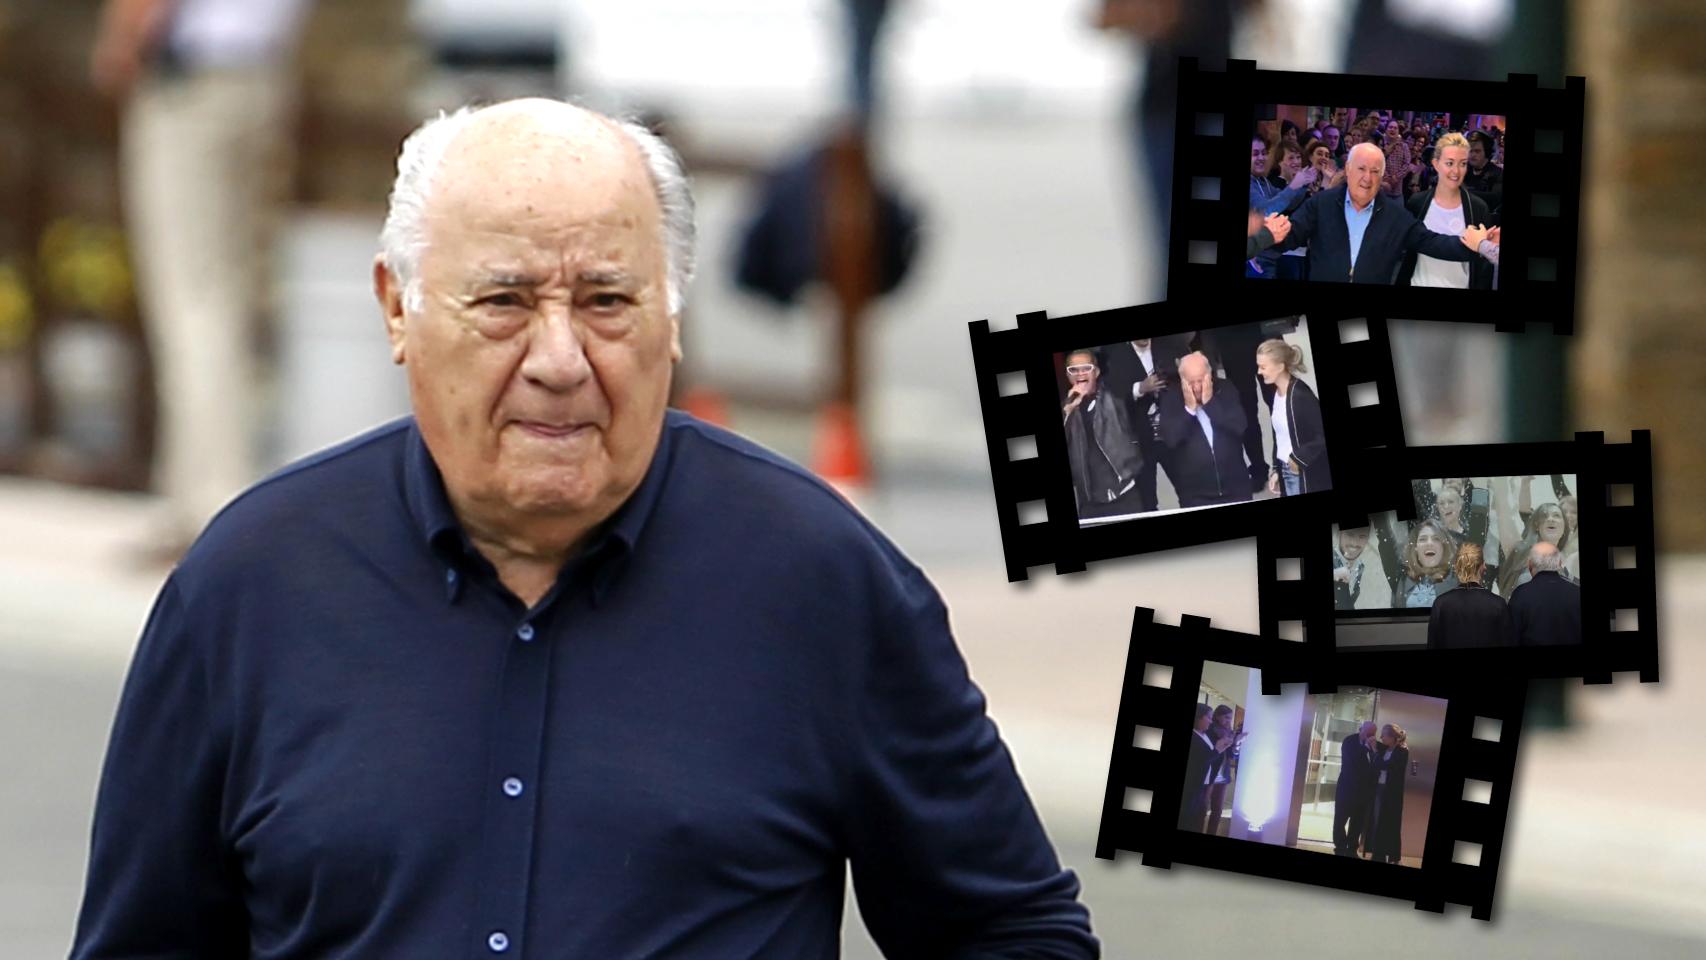 Amancio Ortega en un montaje de JALEOS junto a algunos fotogramas del vídeo con motivo de su 80 cumpleaños.